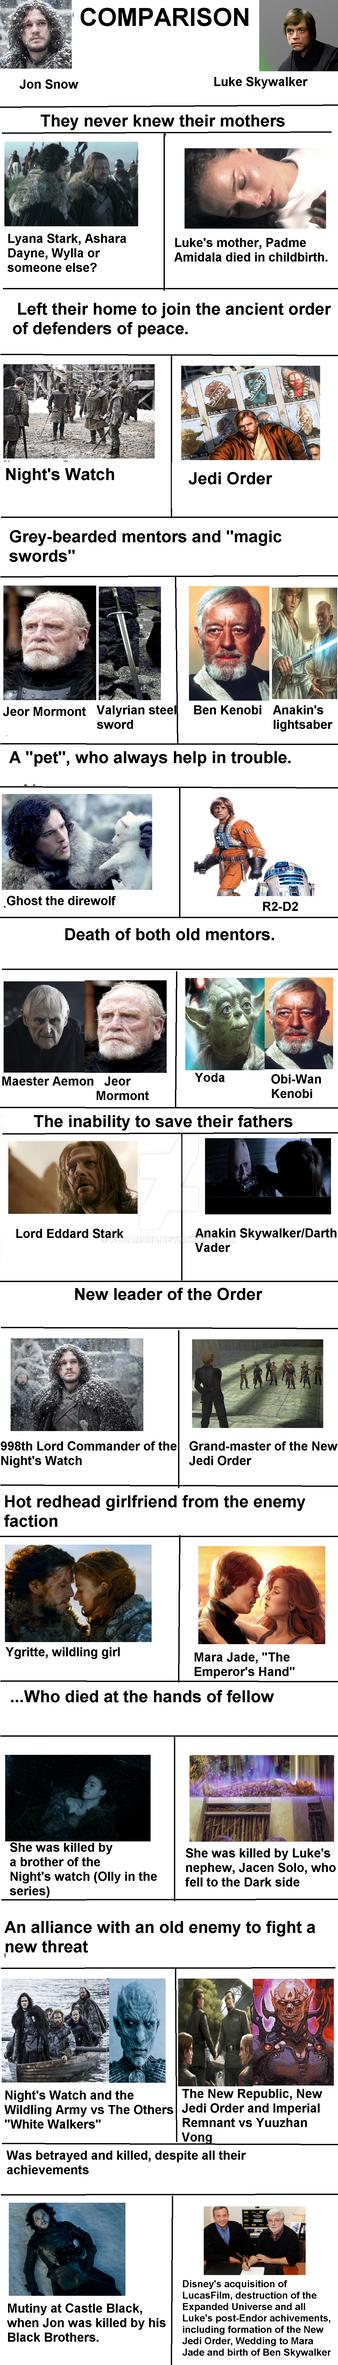 Luke Skywalker / Jon Snow comparison by KohaMord